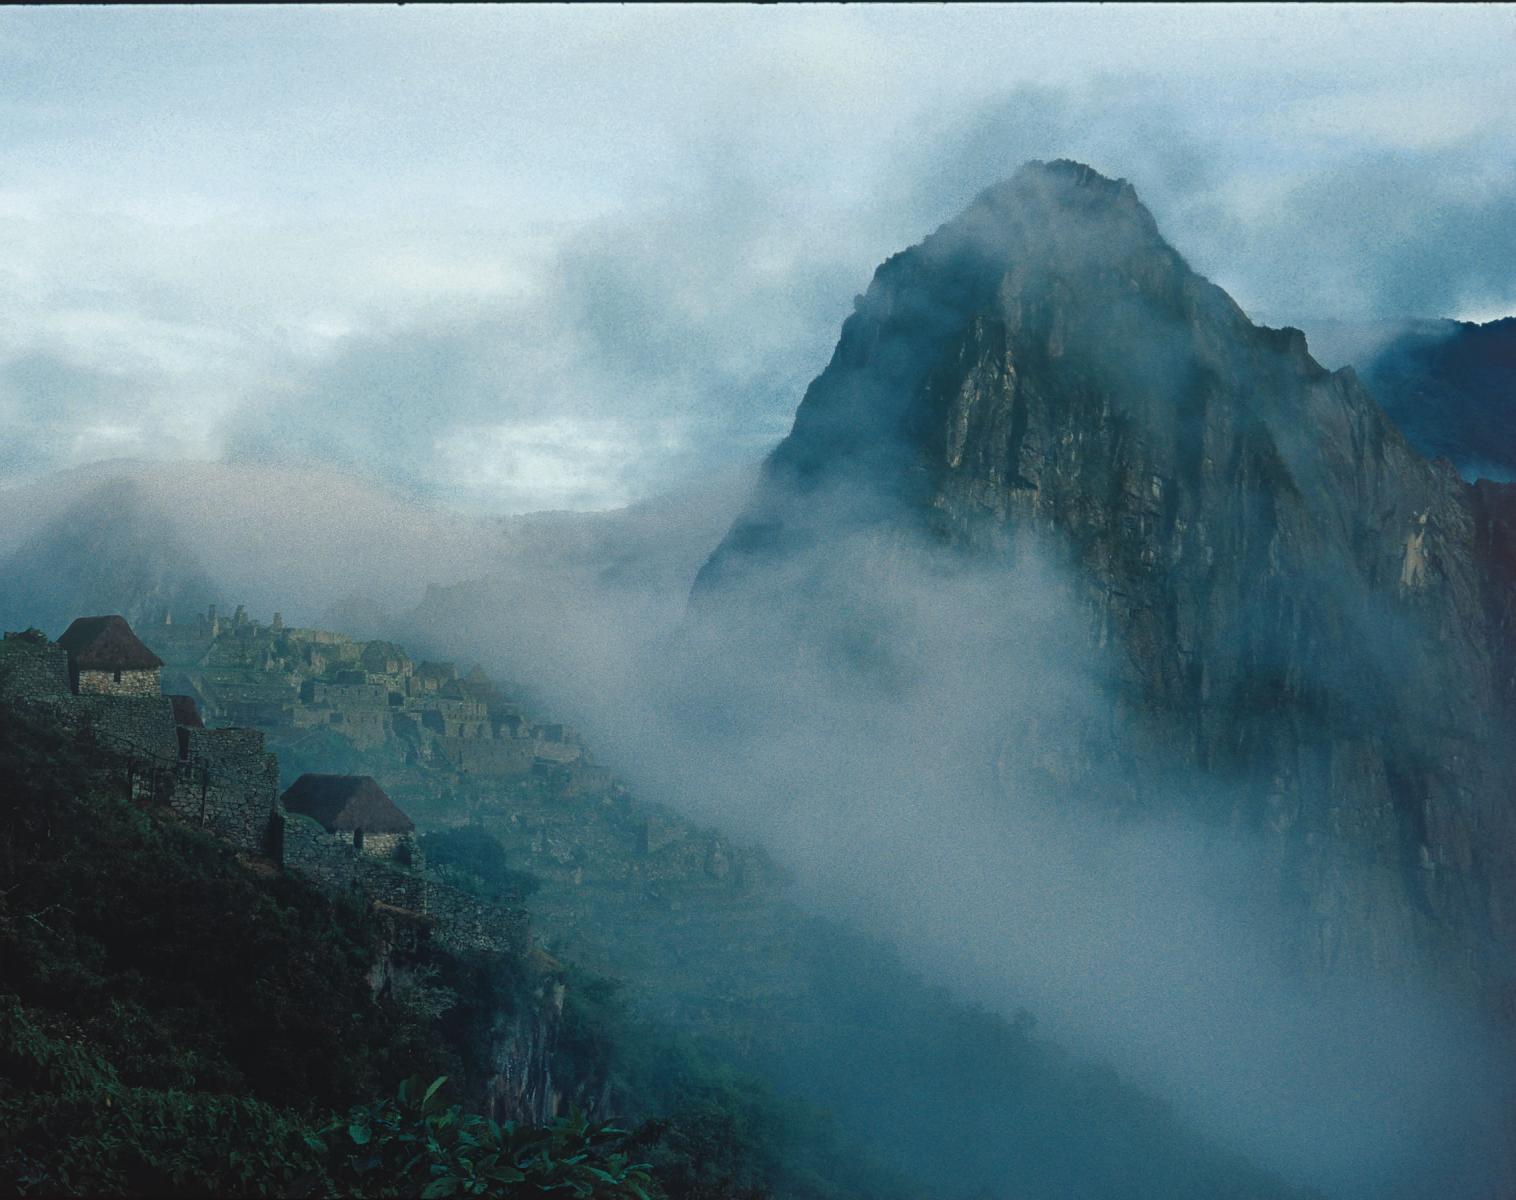 Pérou  L'héritage des incas, trek et Histoire   Découverte Trek & Randonnée Rencontres et cultures du Monde